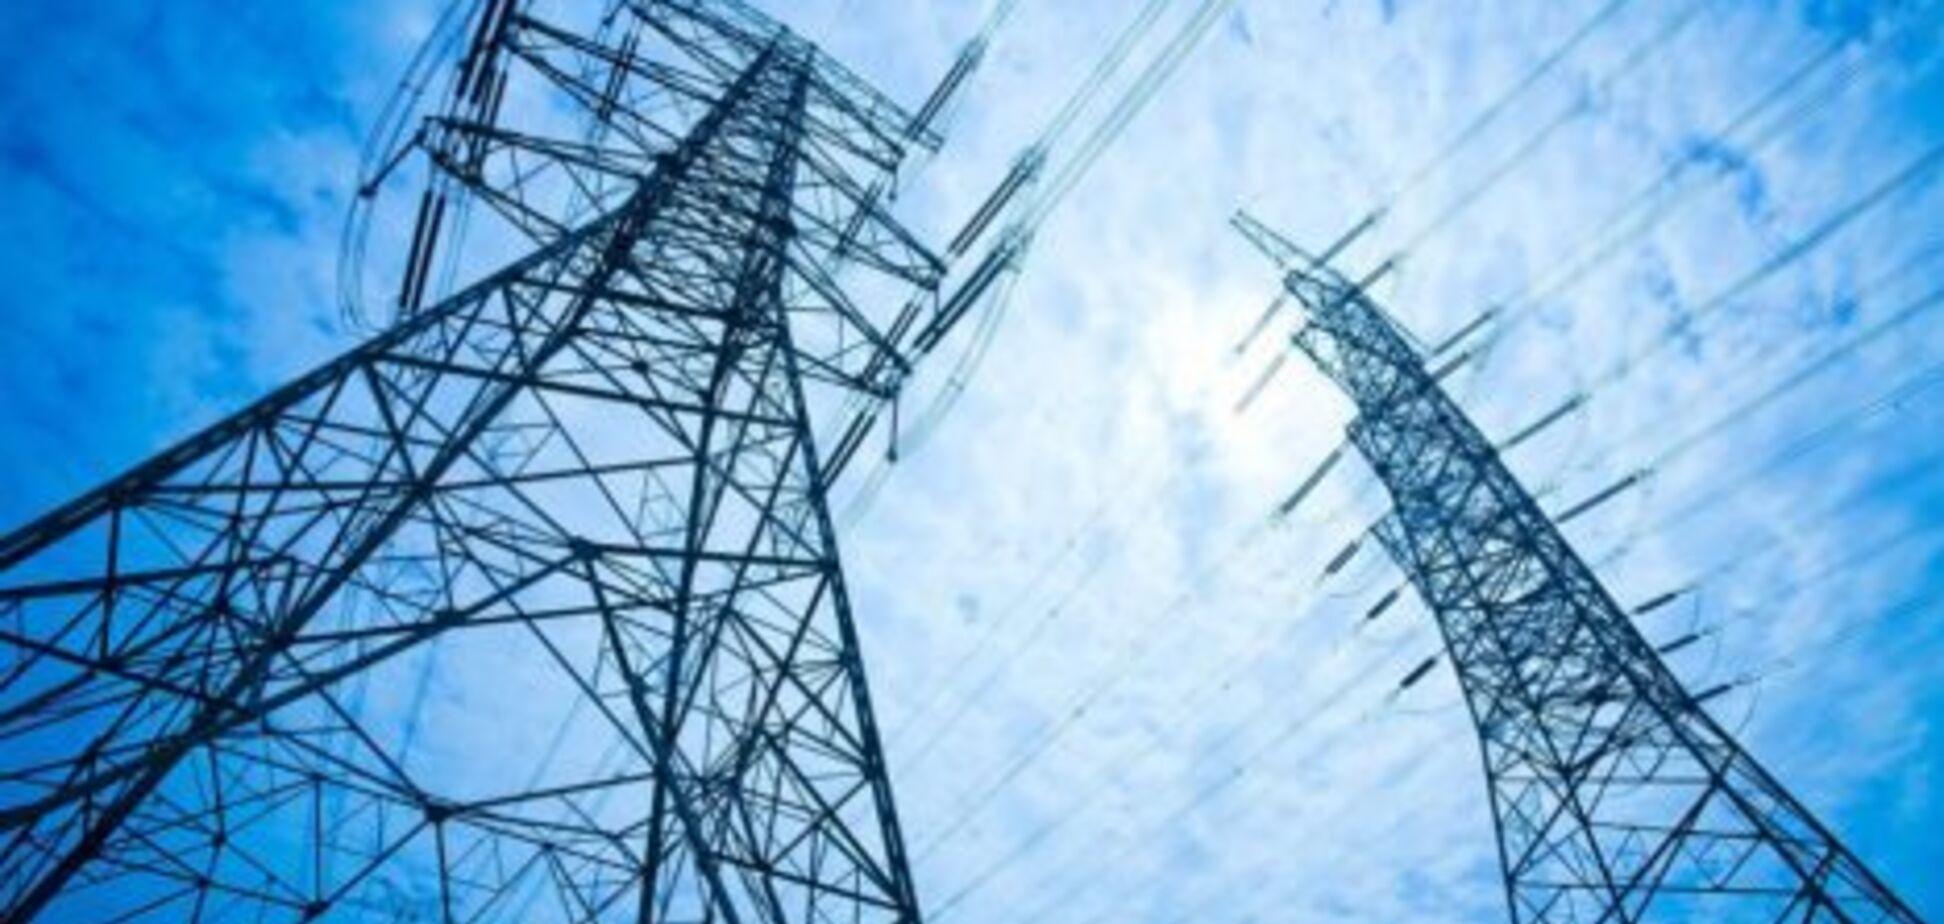 'Енергоринок' та 'Укренерго' готуються до старту нового ринку електроенергії 1 липня